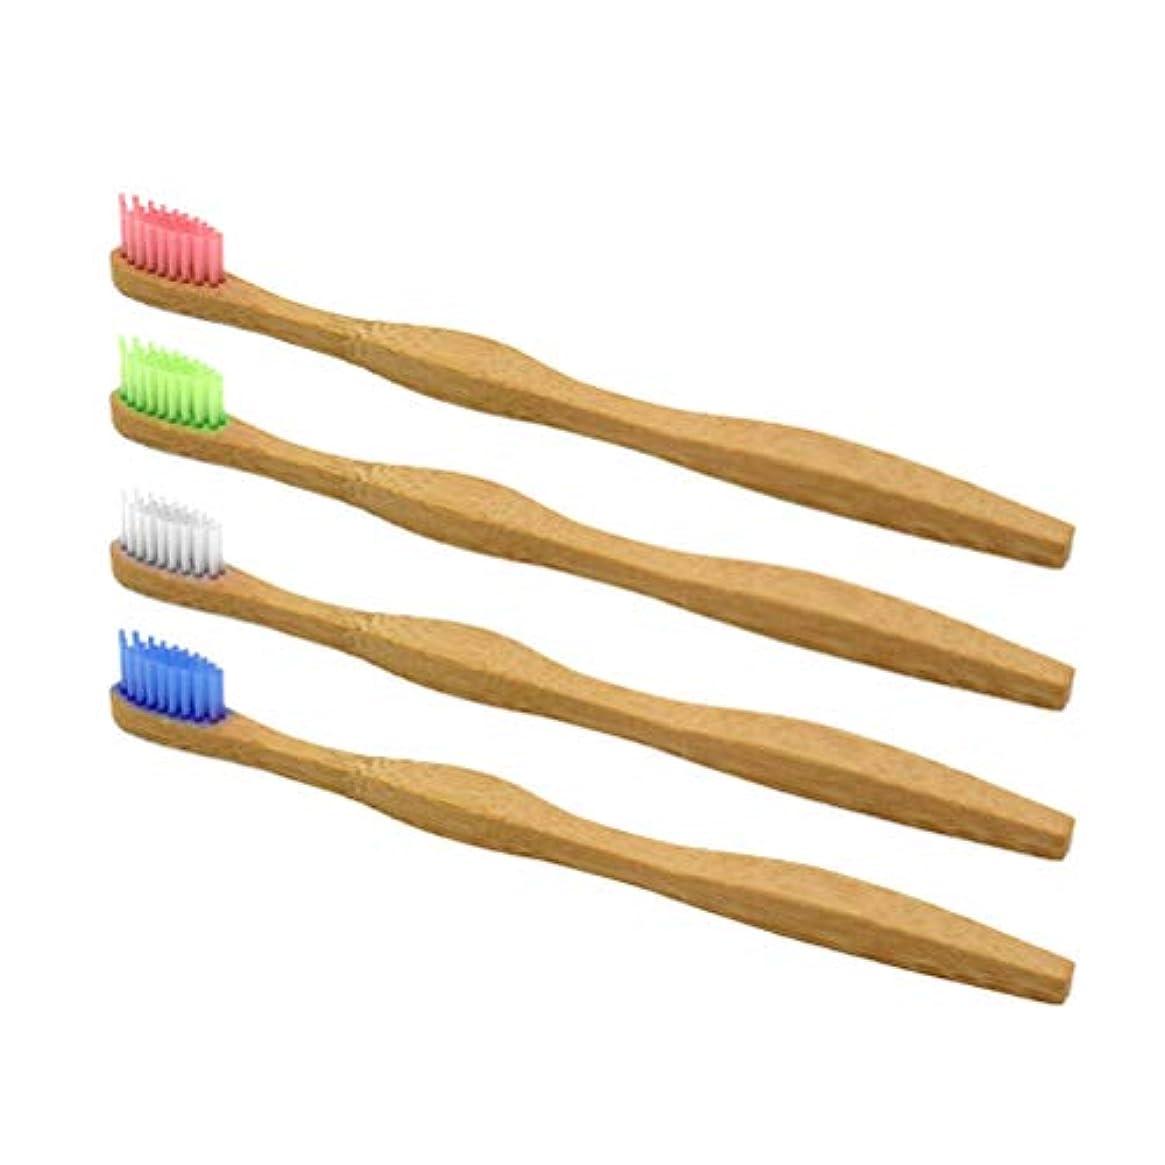 腸社会主義こするHealifty 家庭用およびトラベル用4本(白、青、ピンク、緑)用歯ブラシ竹製歯ブラシ